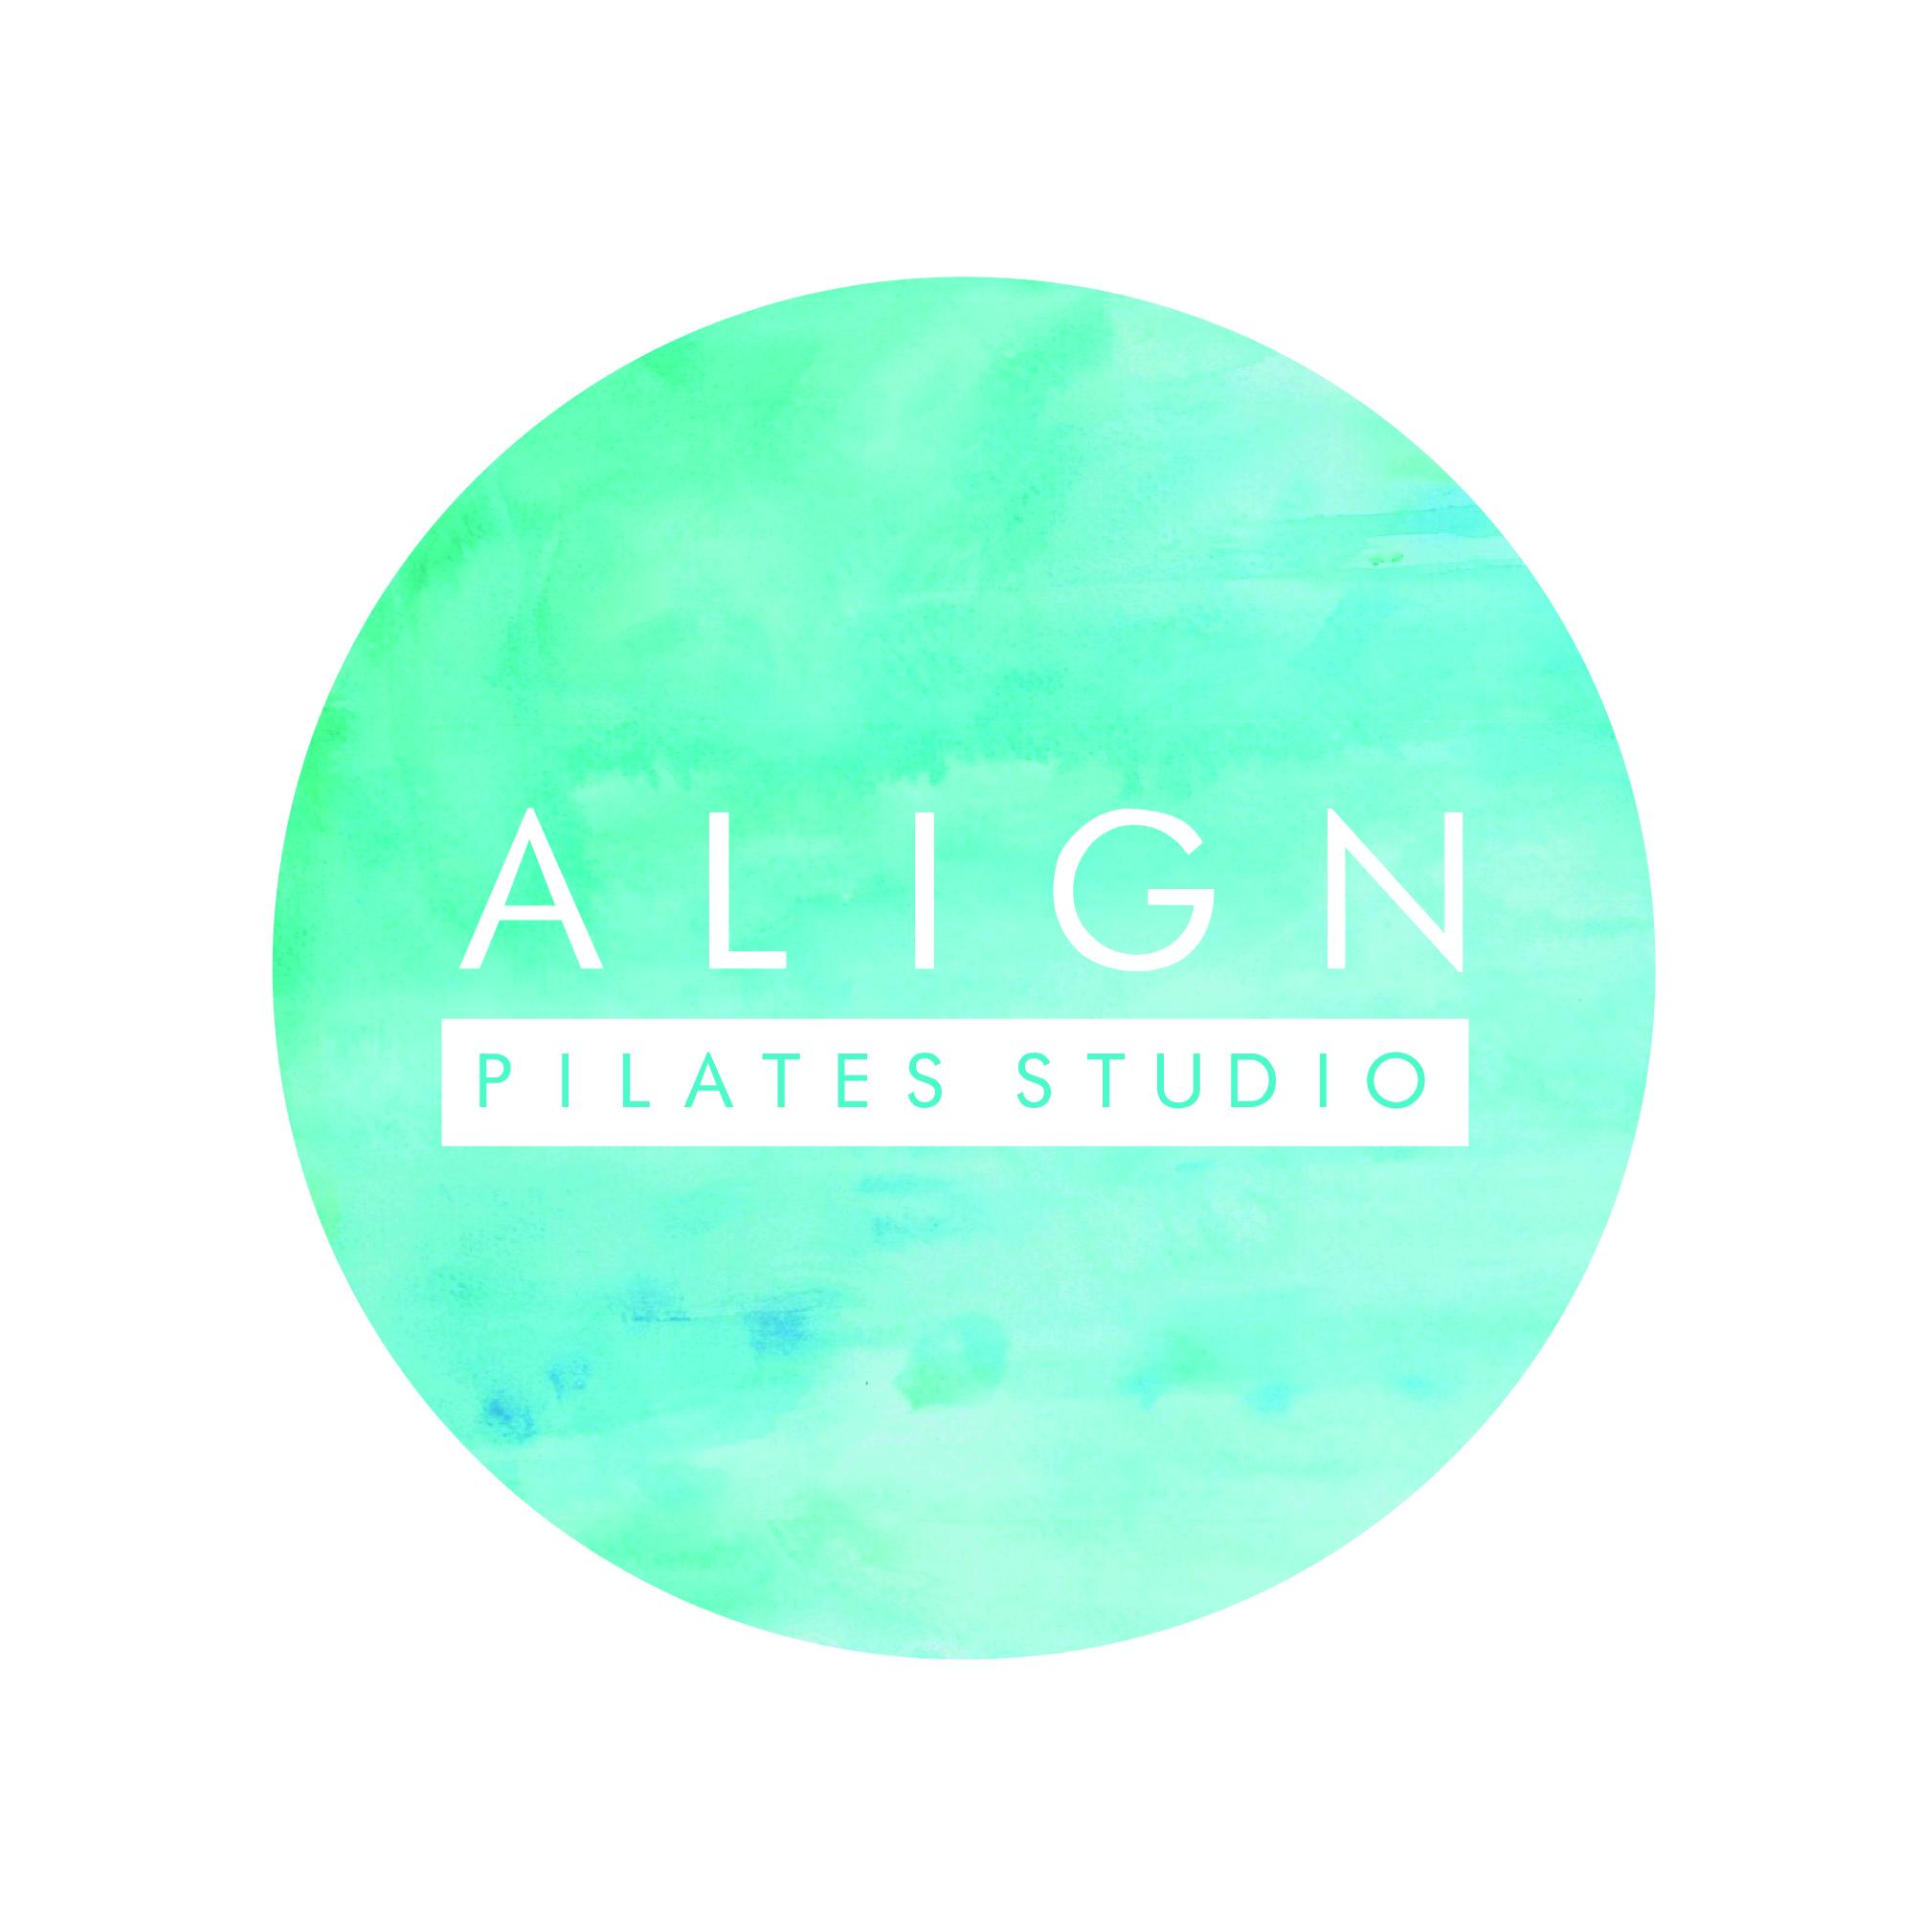 Align Pilates Studio Final Logo.jpg